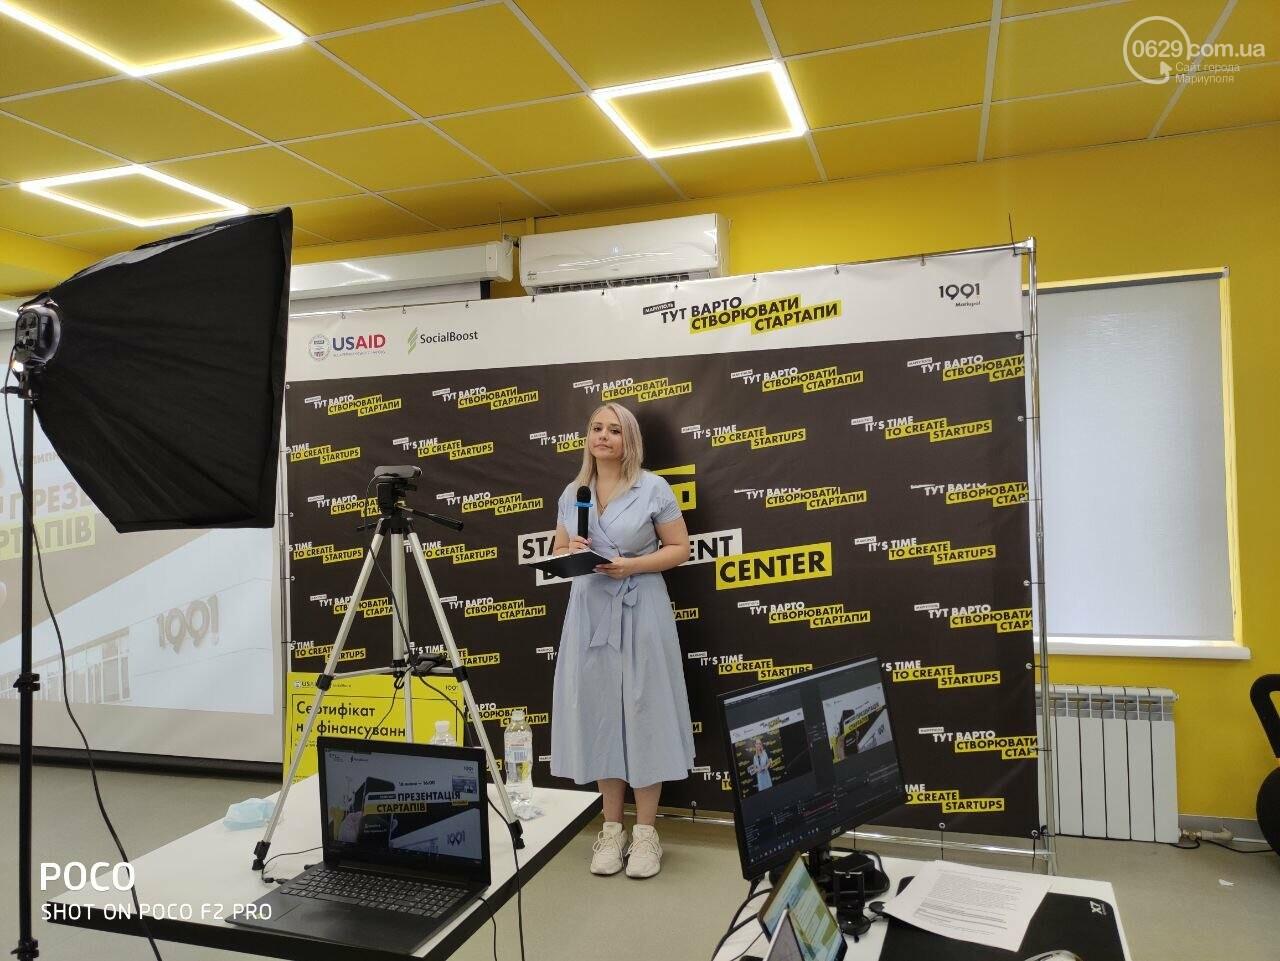 В Мариуполе стартаперы получили 100 тысяч гривен на создание уникального сервиса, - ФОТО, фото-6